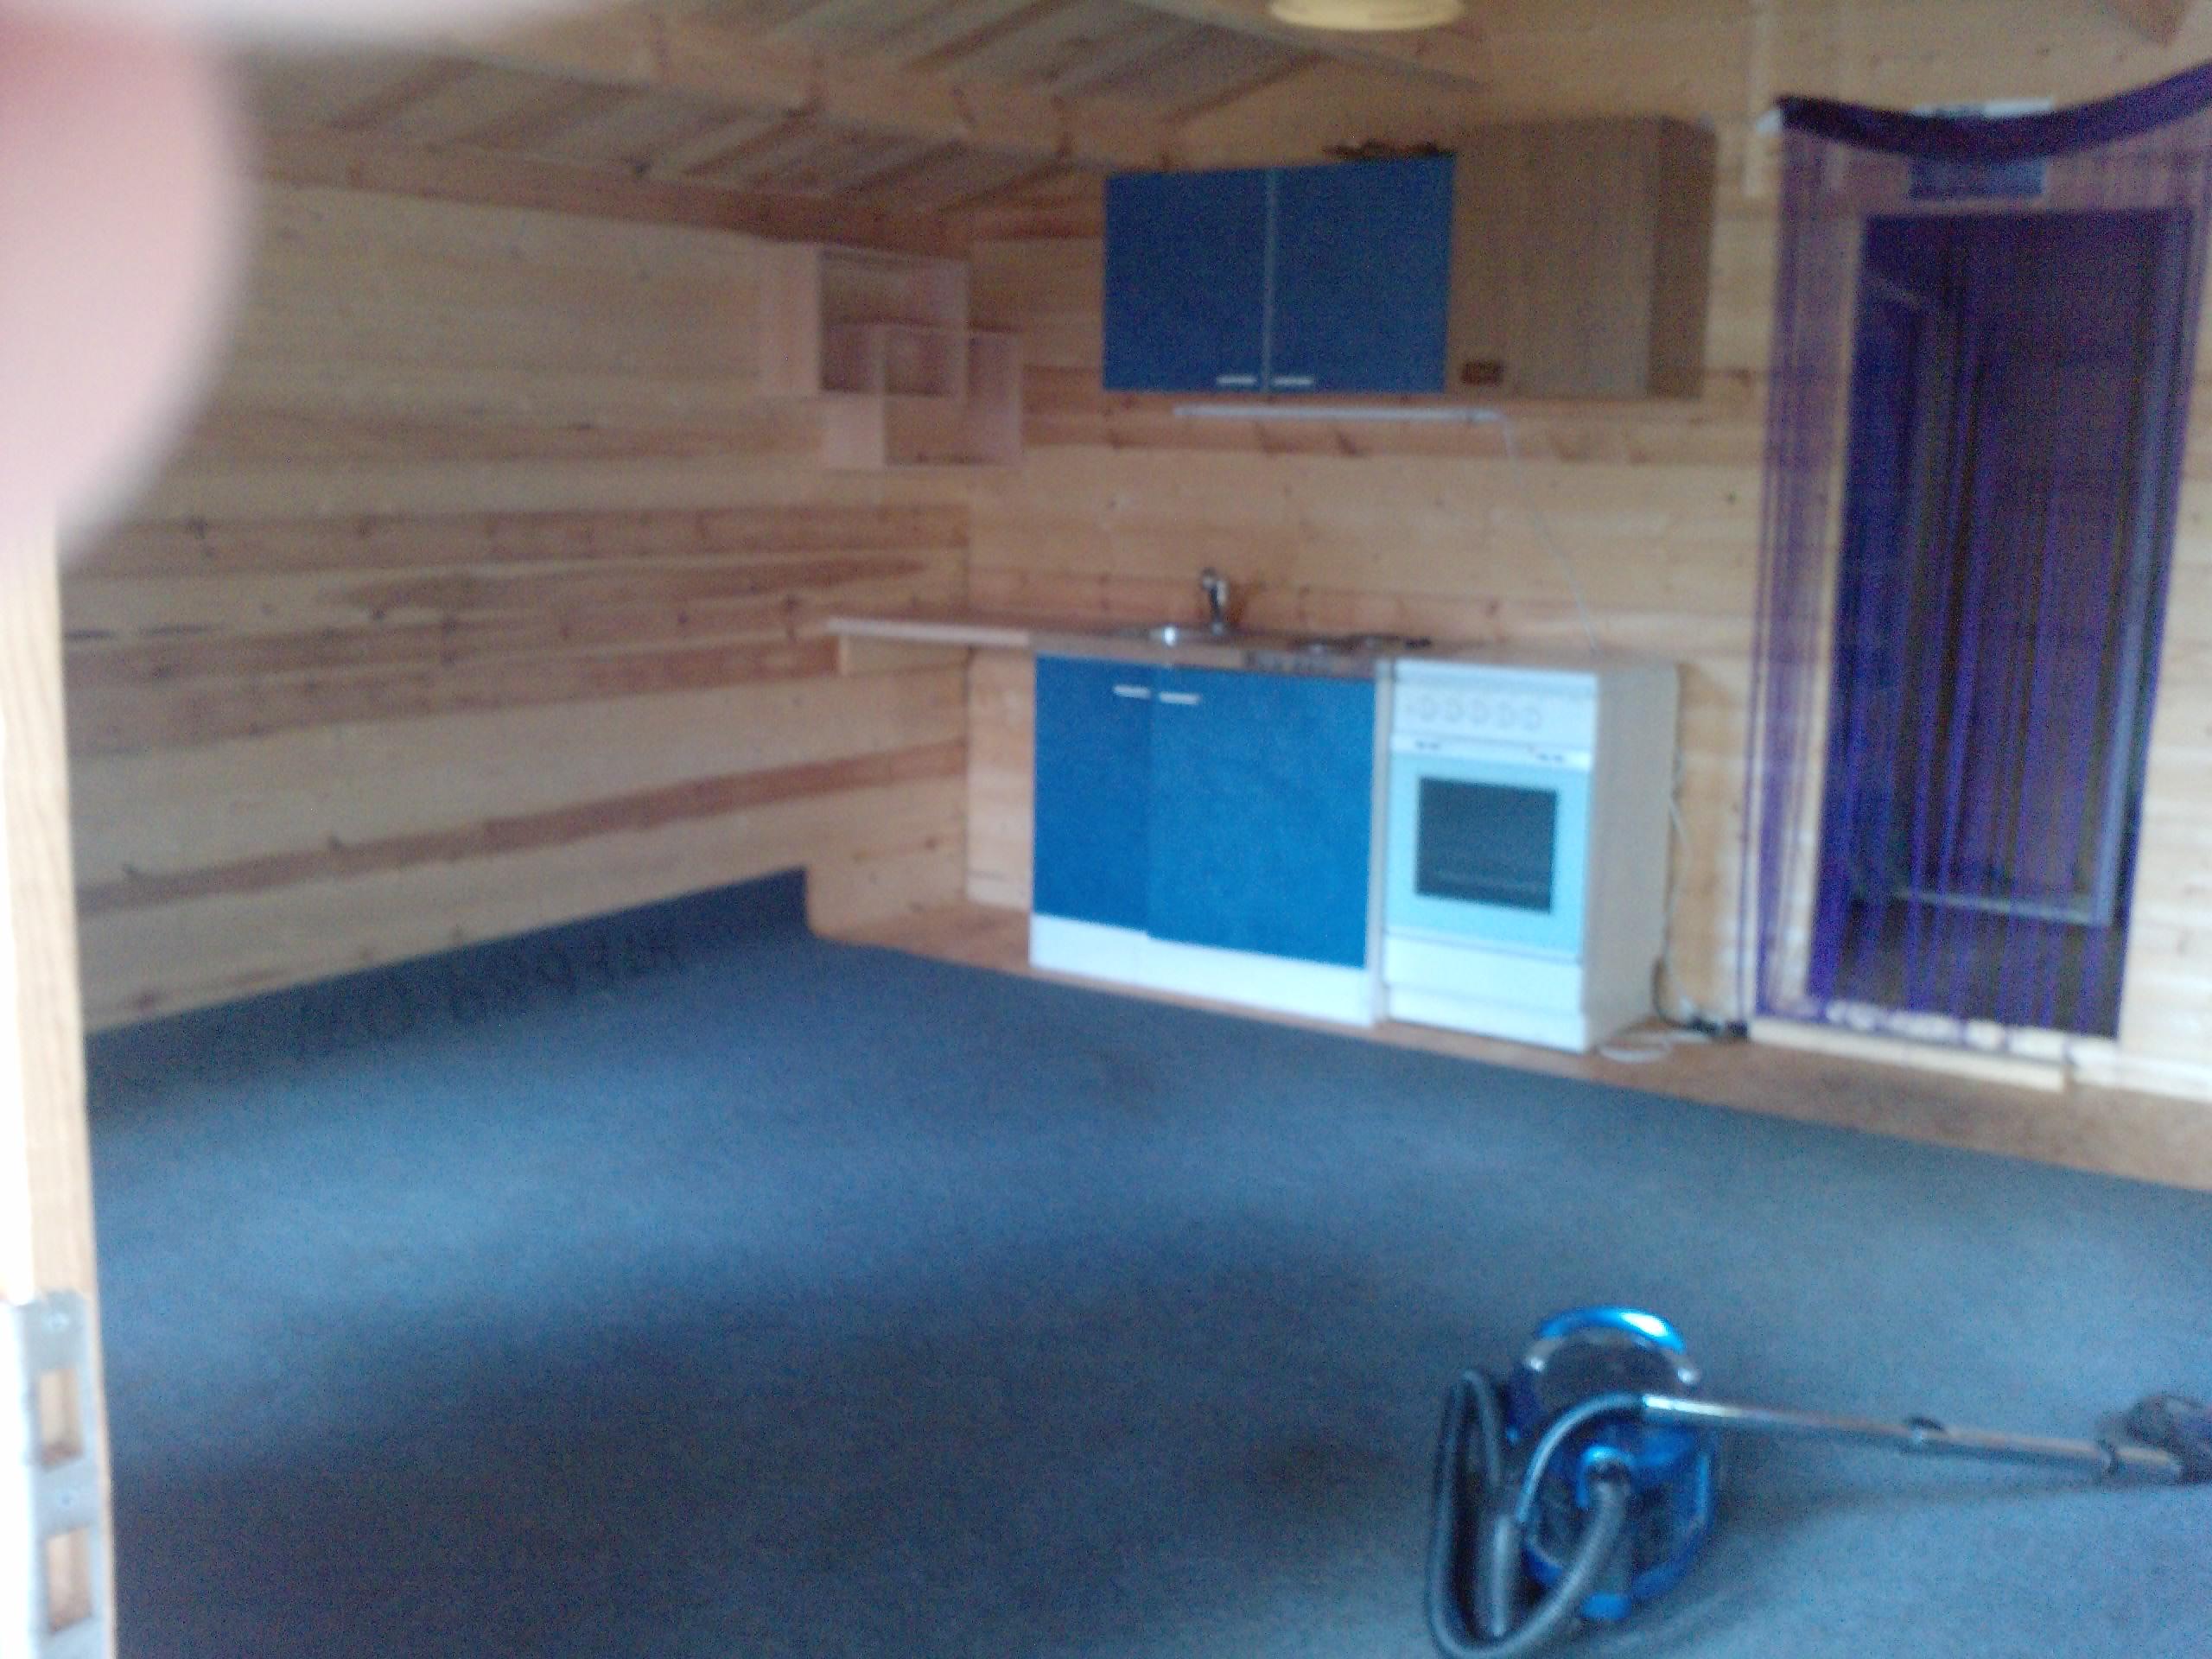 kostenlose campingplatz kleinanzeigen. Black Bedroom Furniture Sets. Home Design Ideas